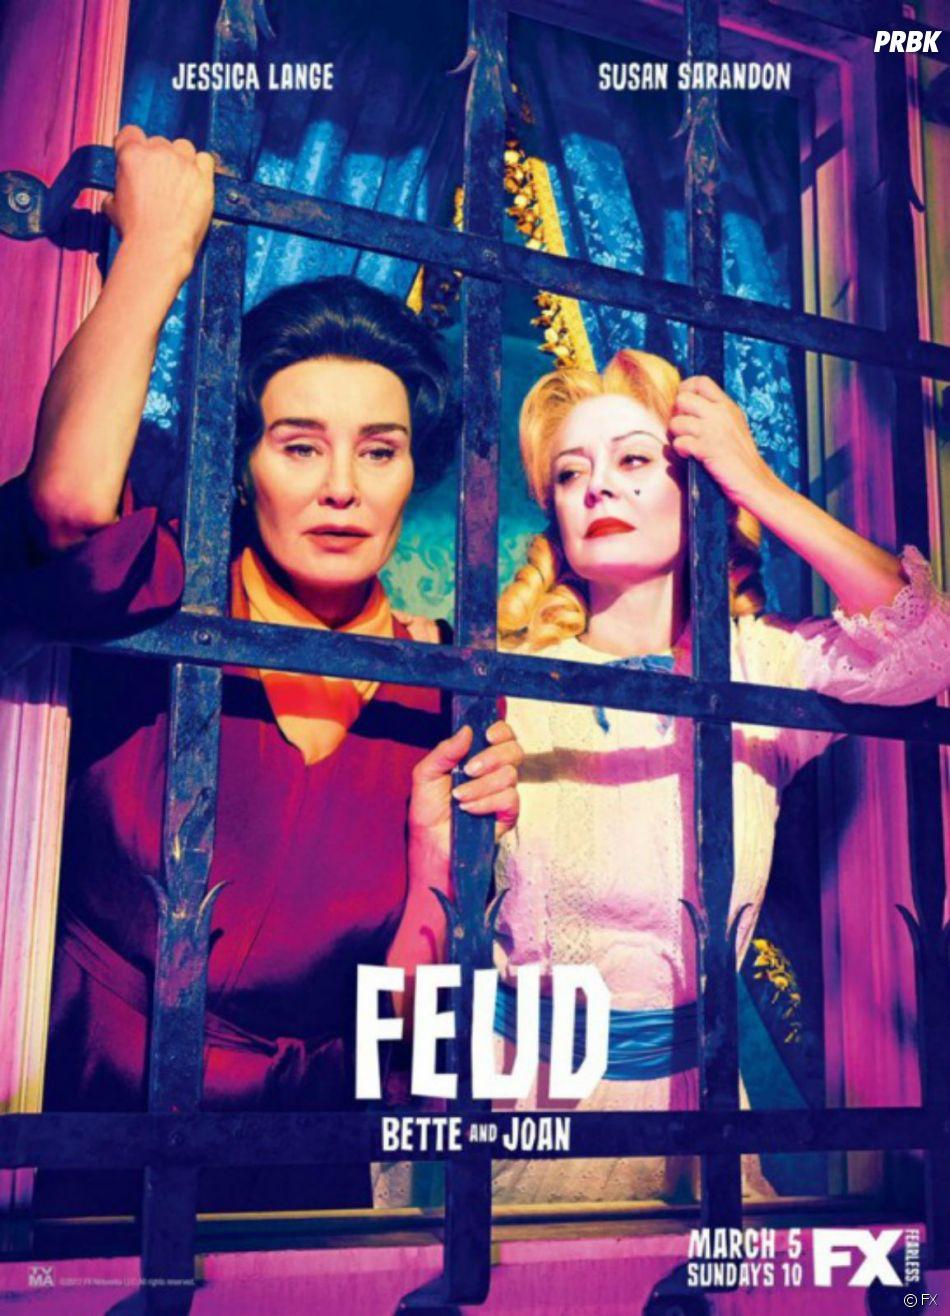 Feud saison 1 : l'affiche de la série de Ryan Murphy avec Jessica Lange et Susan Sarandon